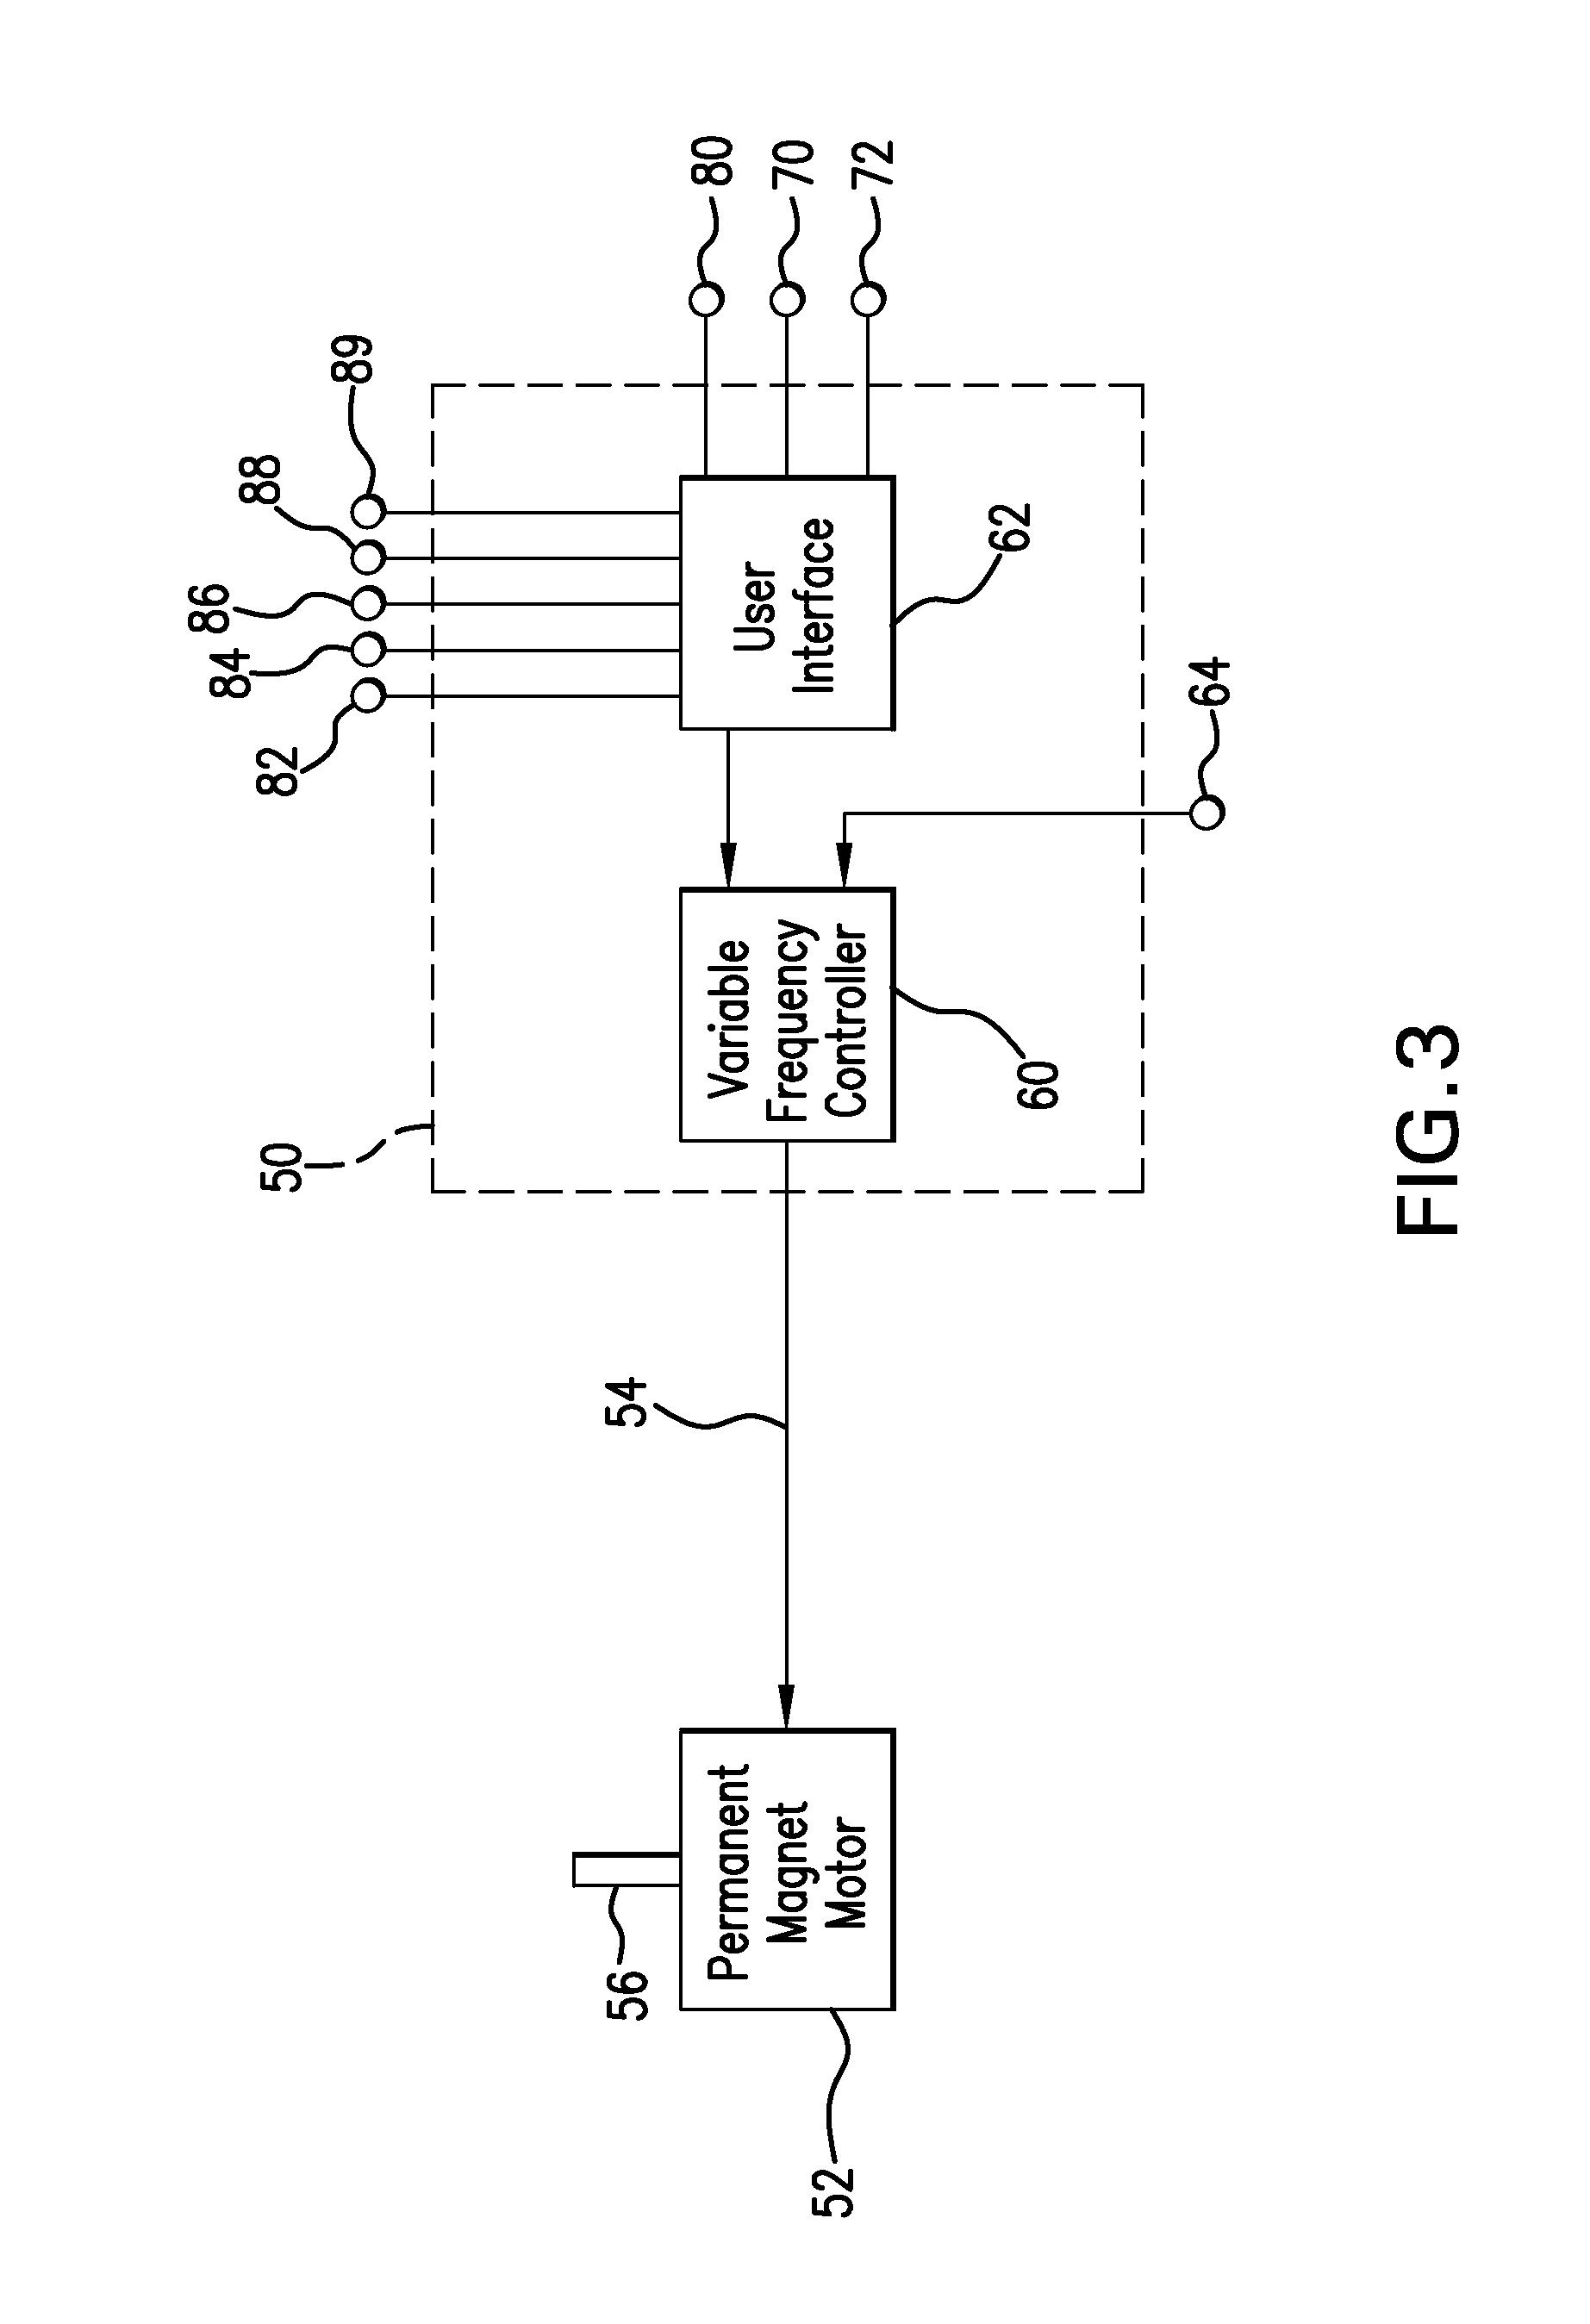 patent us8598823